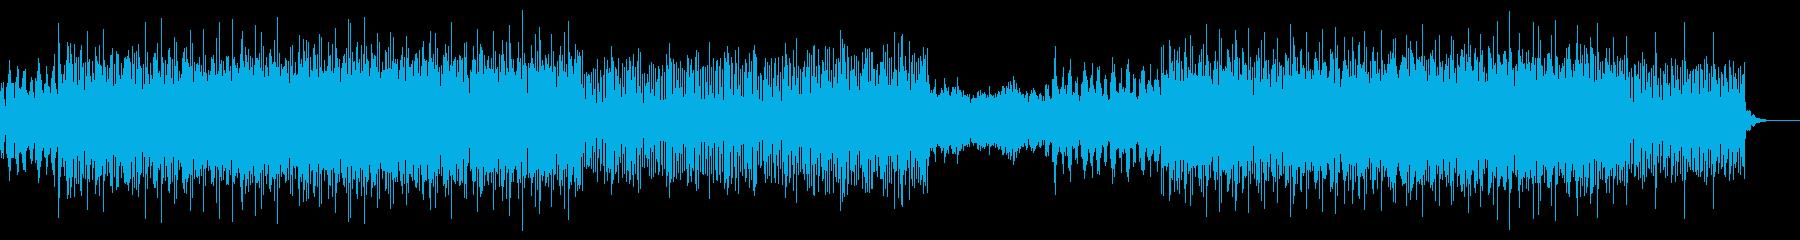 テンポの良いテクノロックサウンドの再生済みの波形